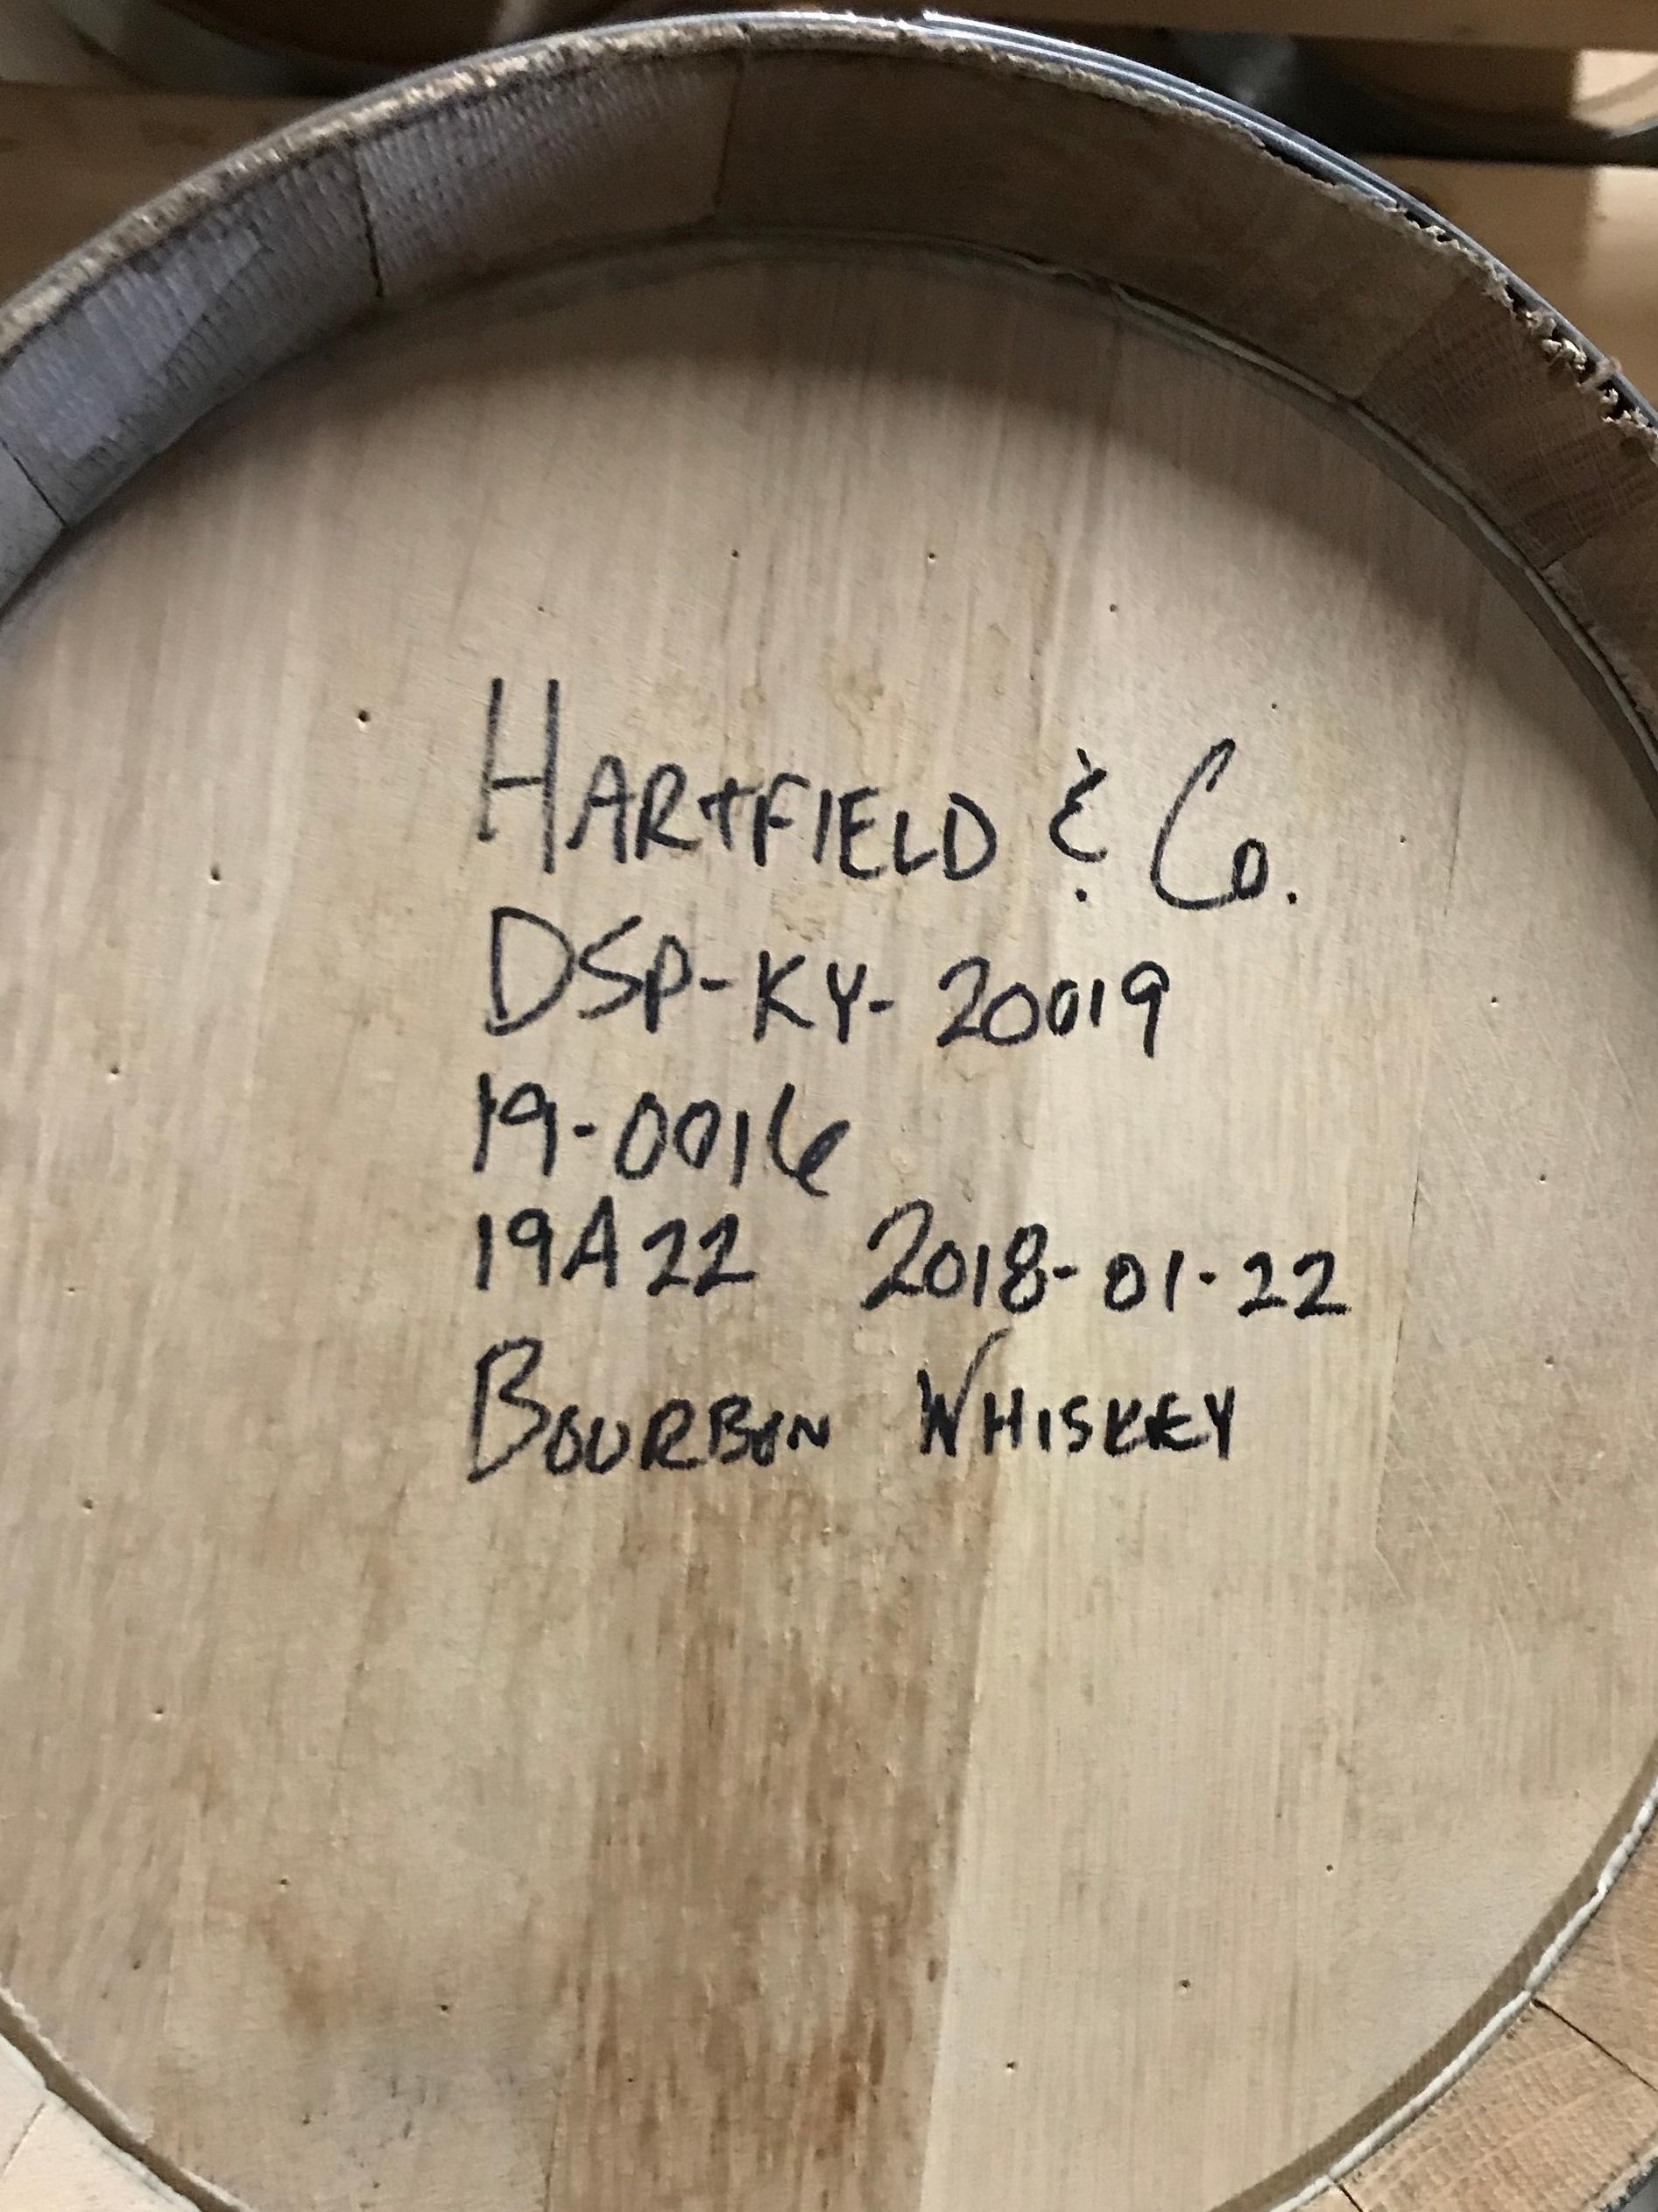 Hartfield & Co.  - 1st bourbon distillery in Bourbon County since 1919